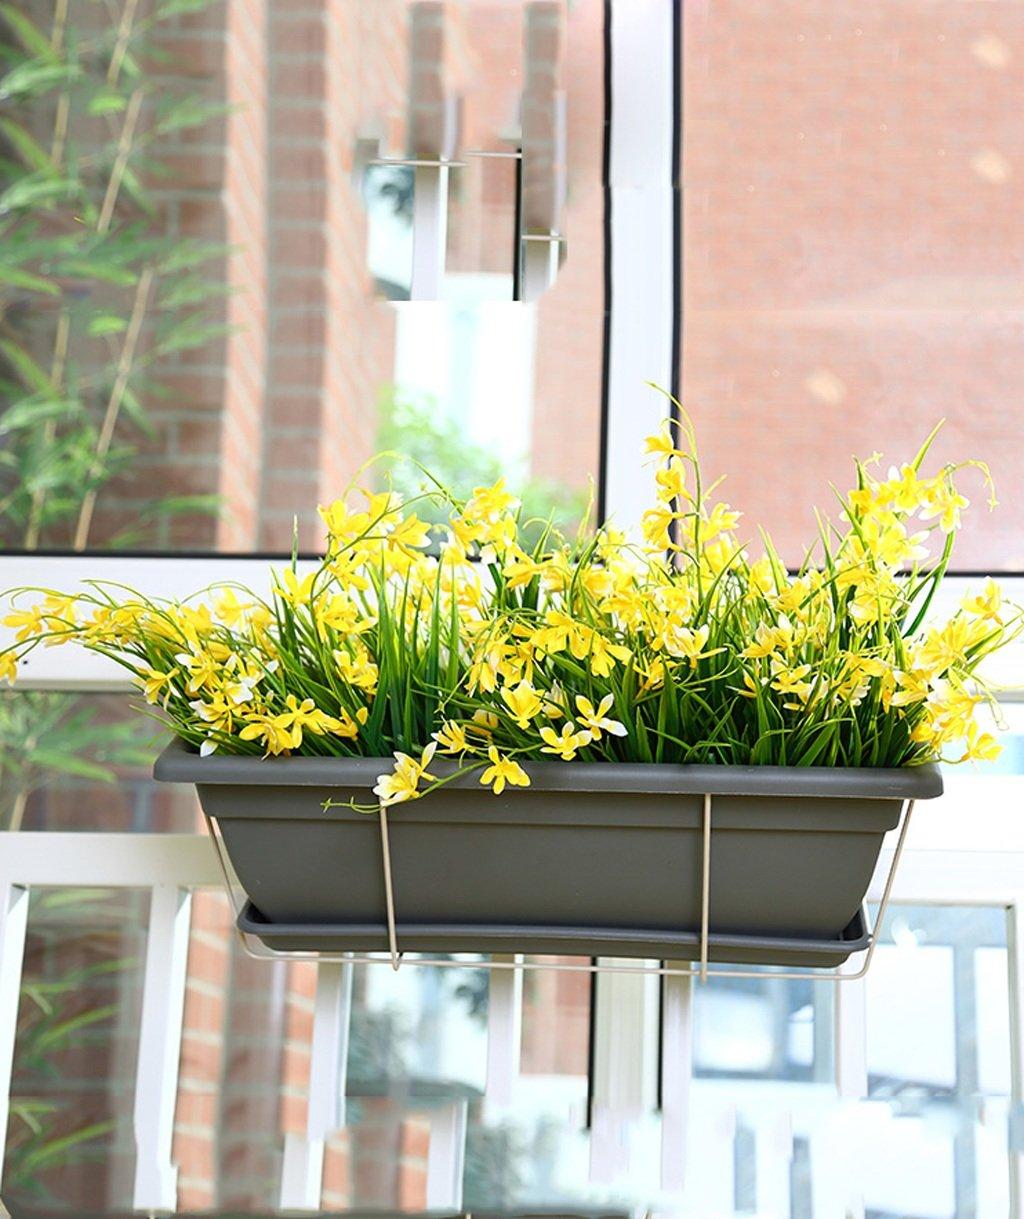 LB huajia ZHANWEI Bepflanzungs-Bassin-Rahmen, einfache Moderne Geländer-hängende Blumen-Racks